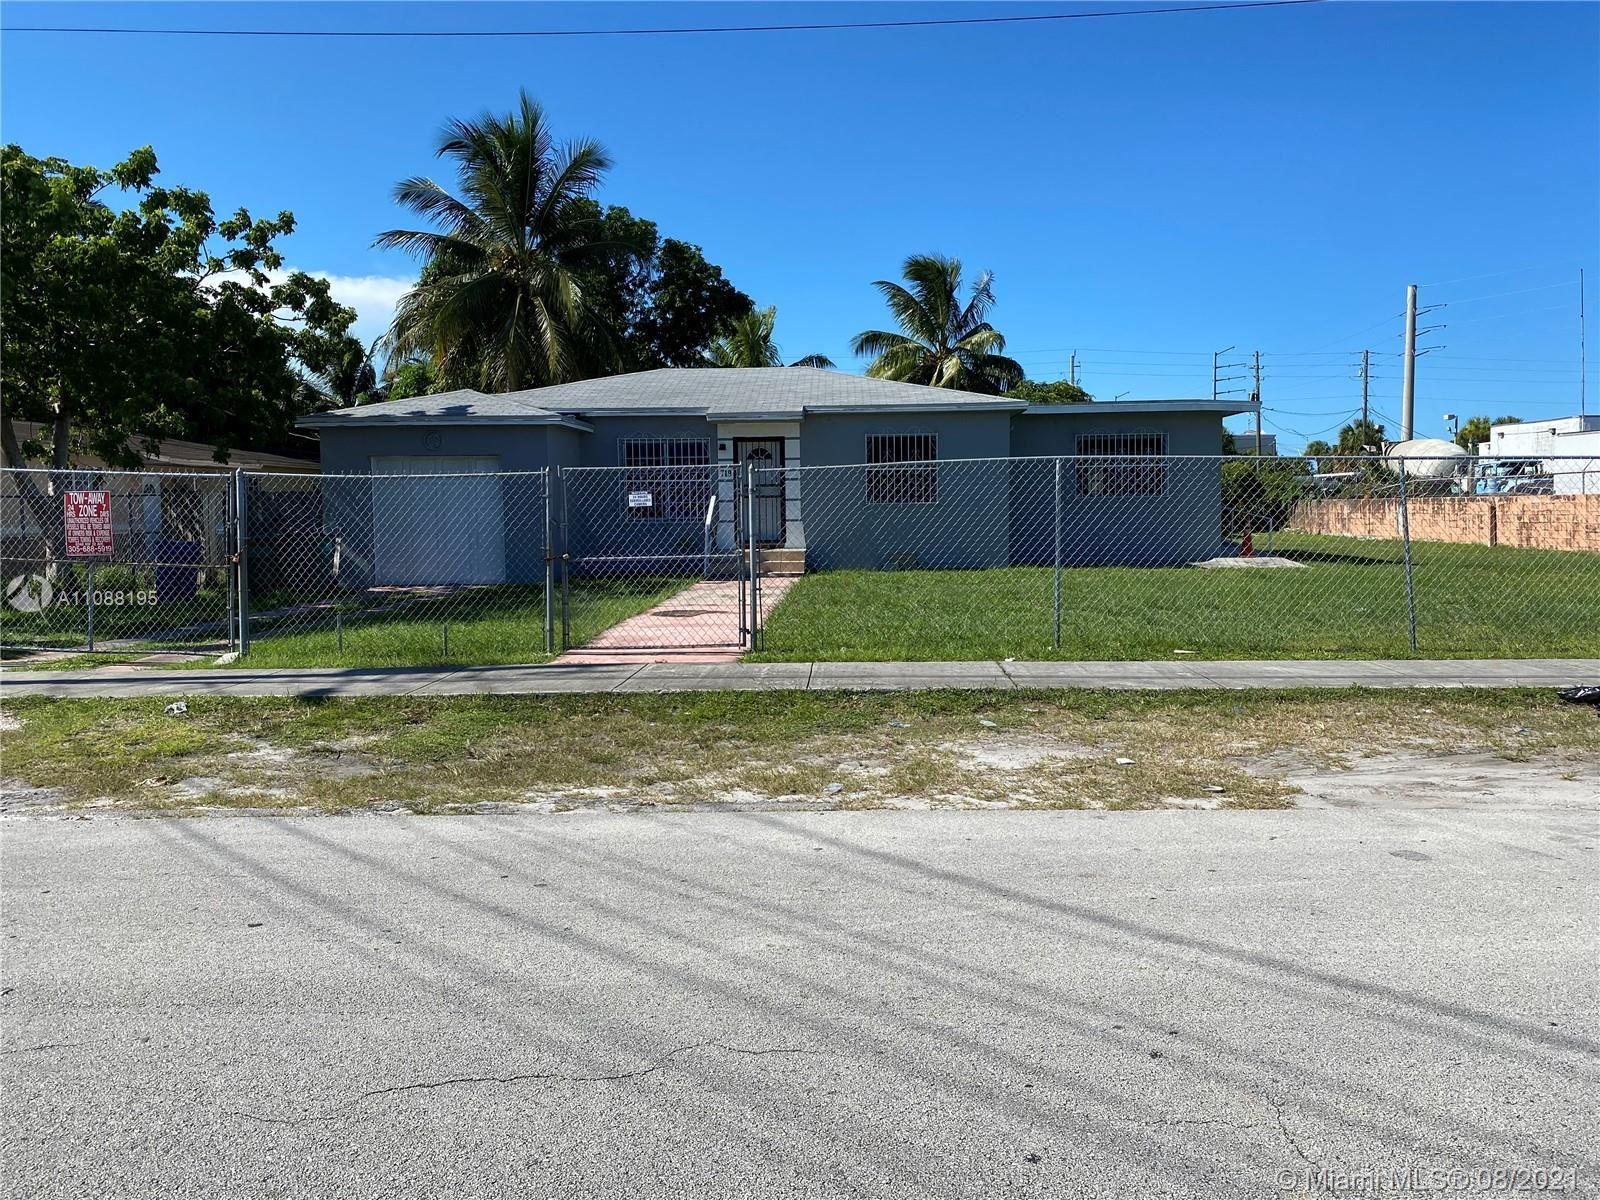 719 NW 108th St, Miami, FL 33168 - #: A11088195